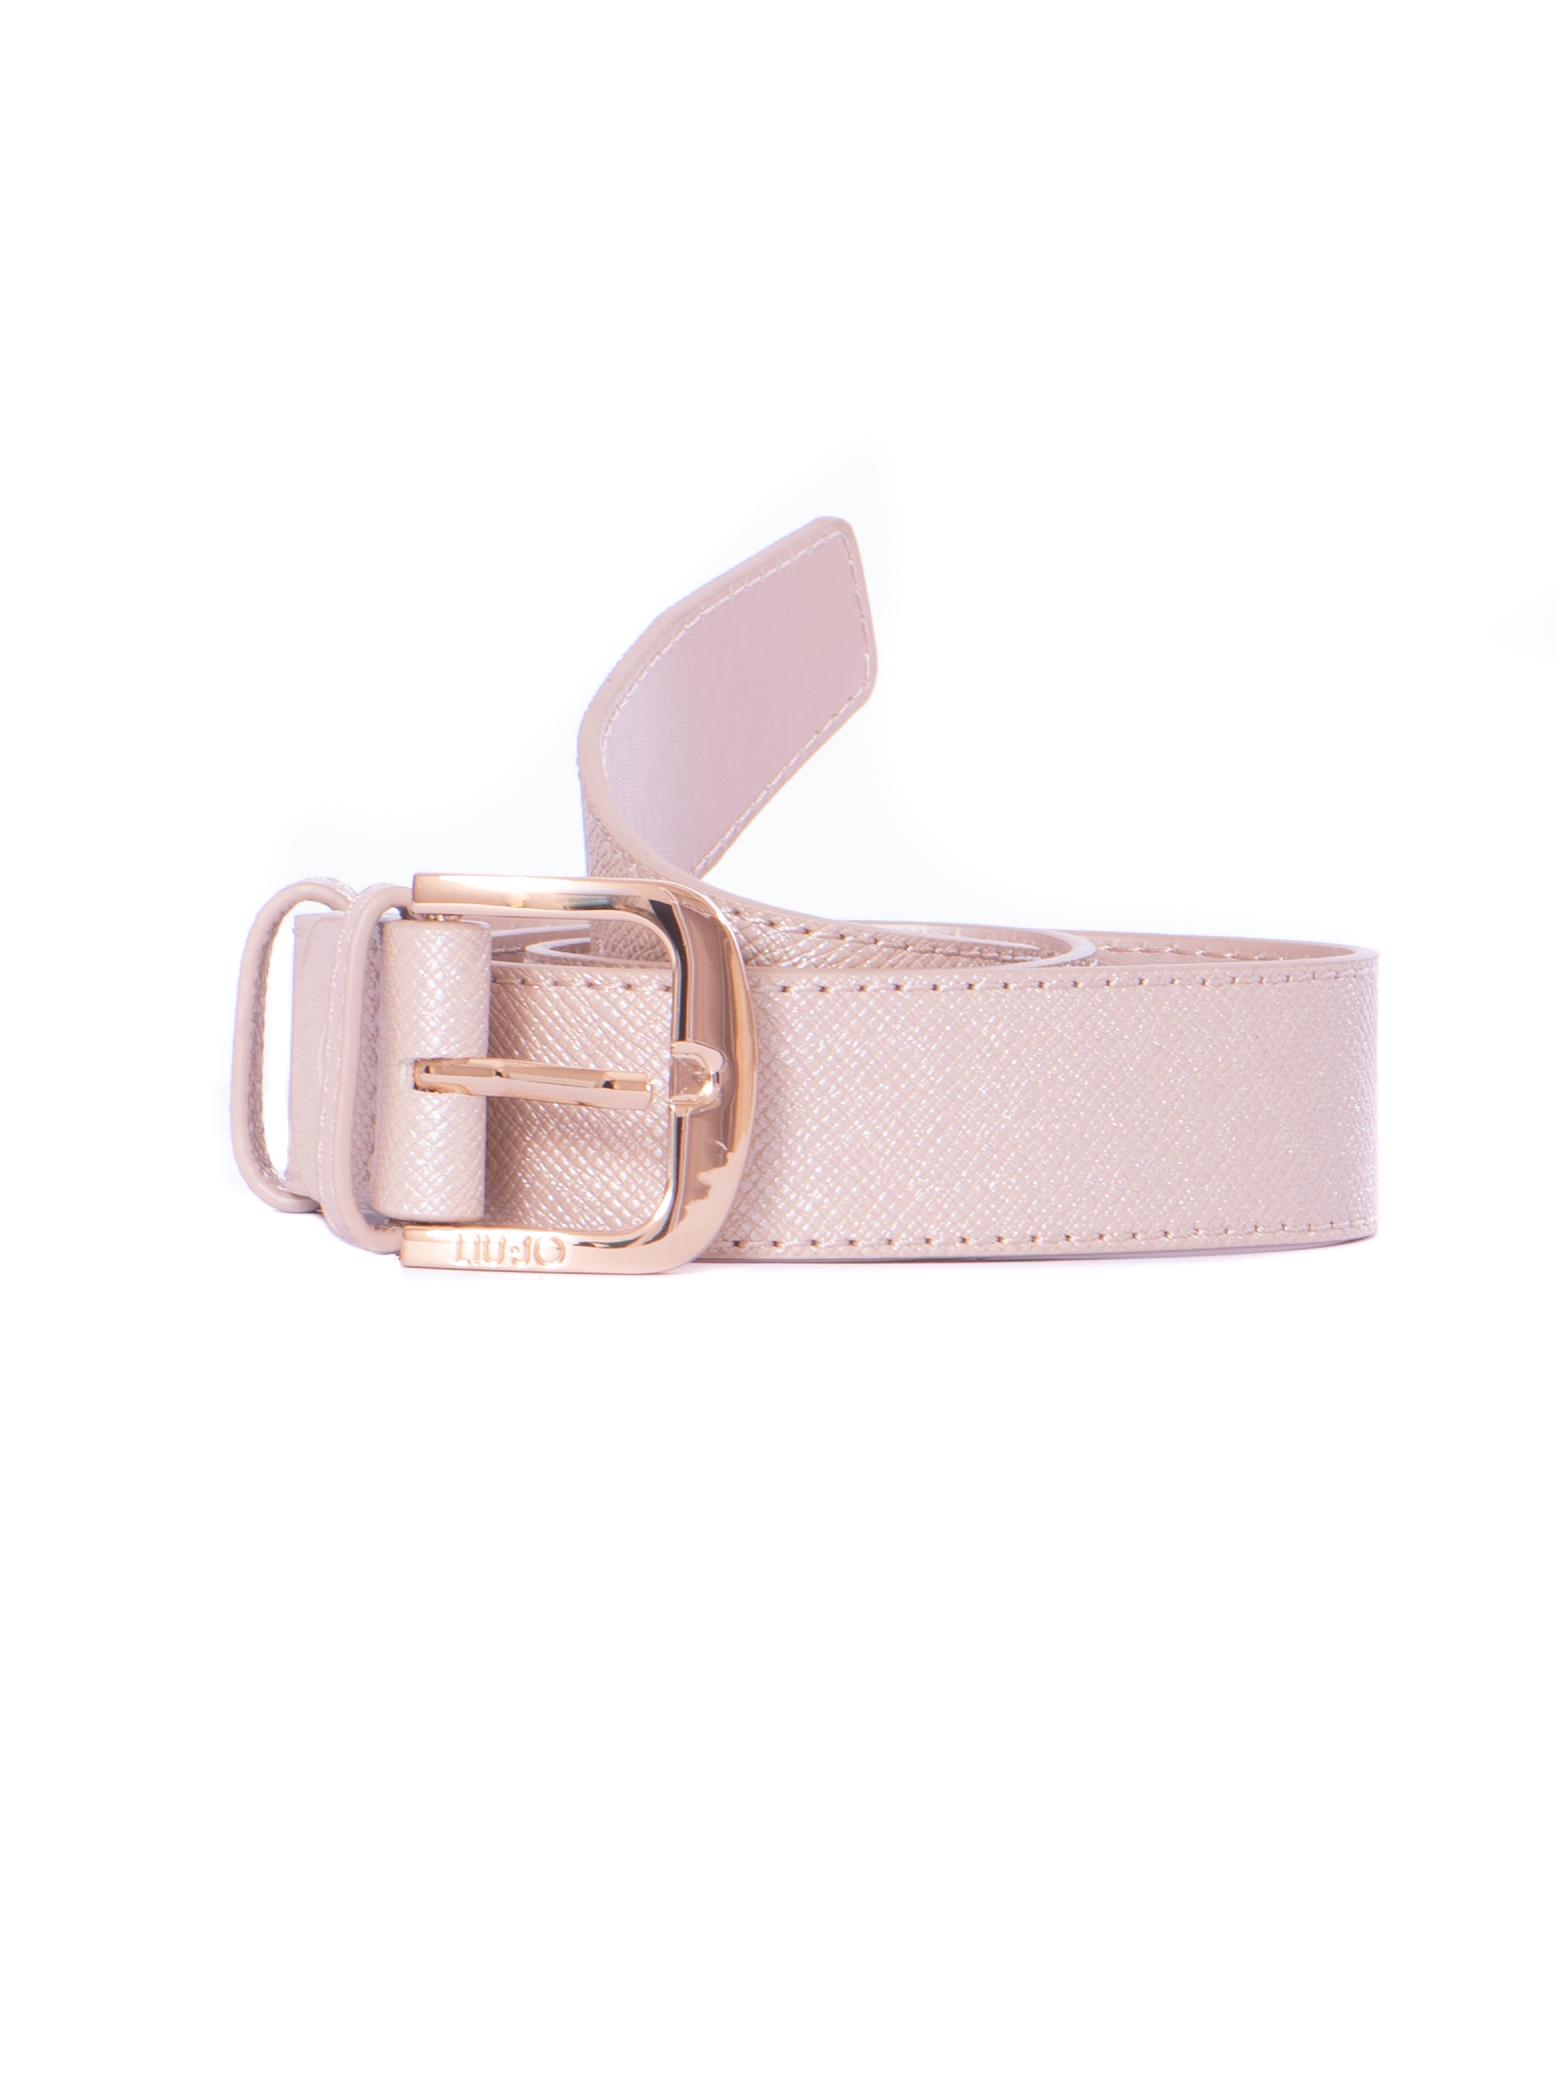 cintura 3.5 cm